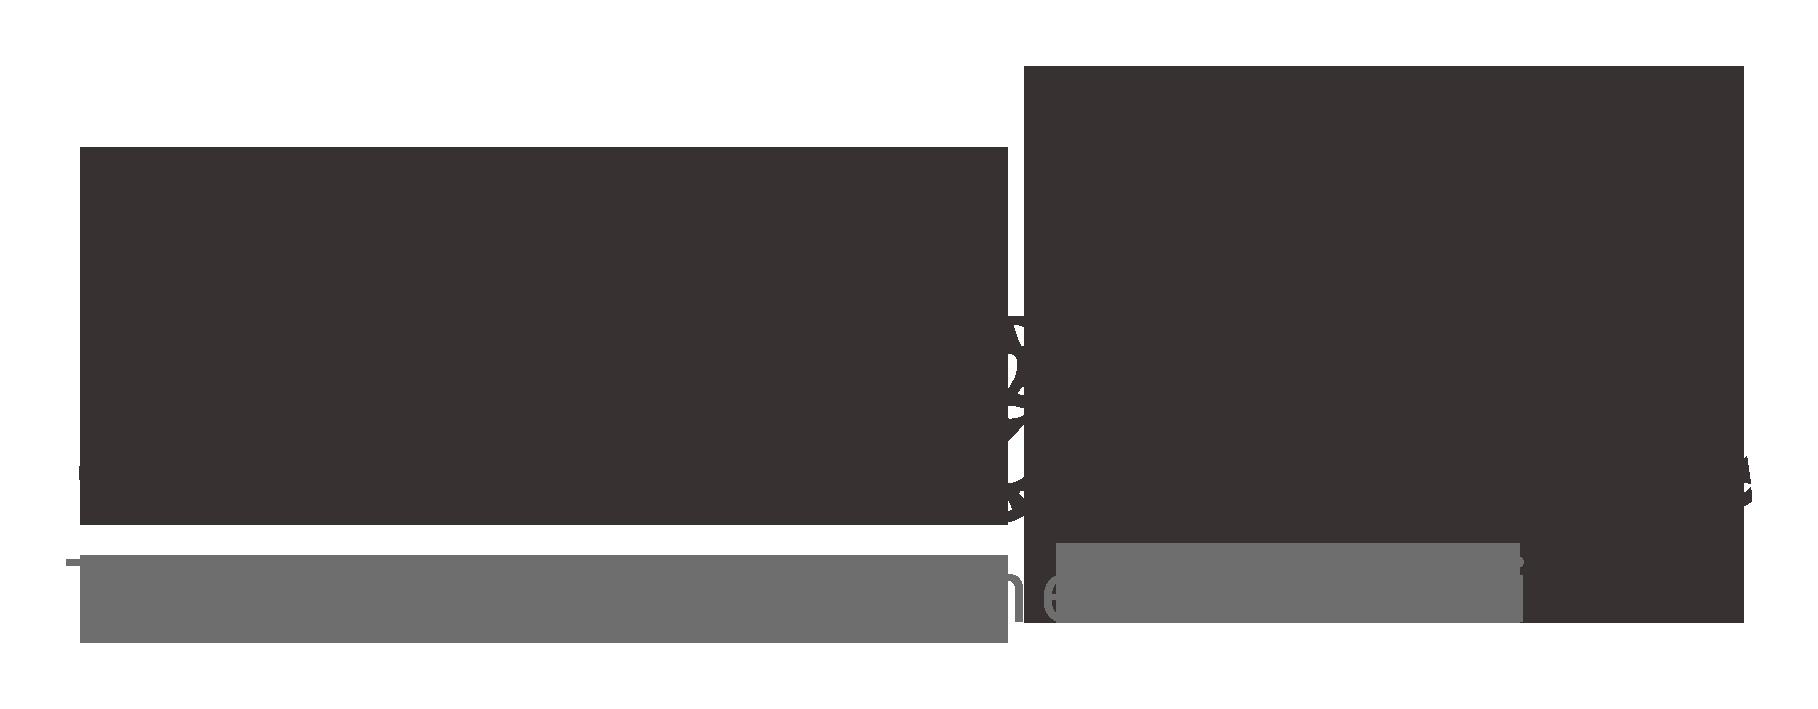 Makrome ipi - Sekmen İp Logo